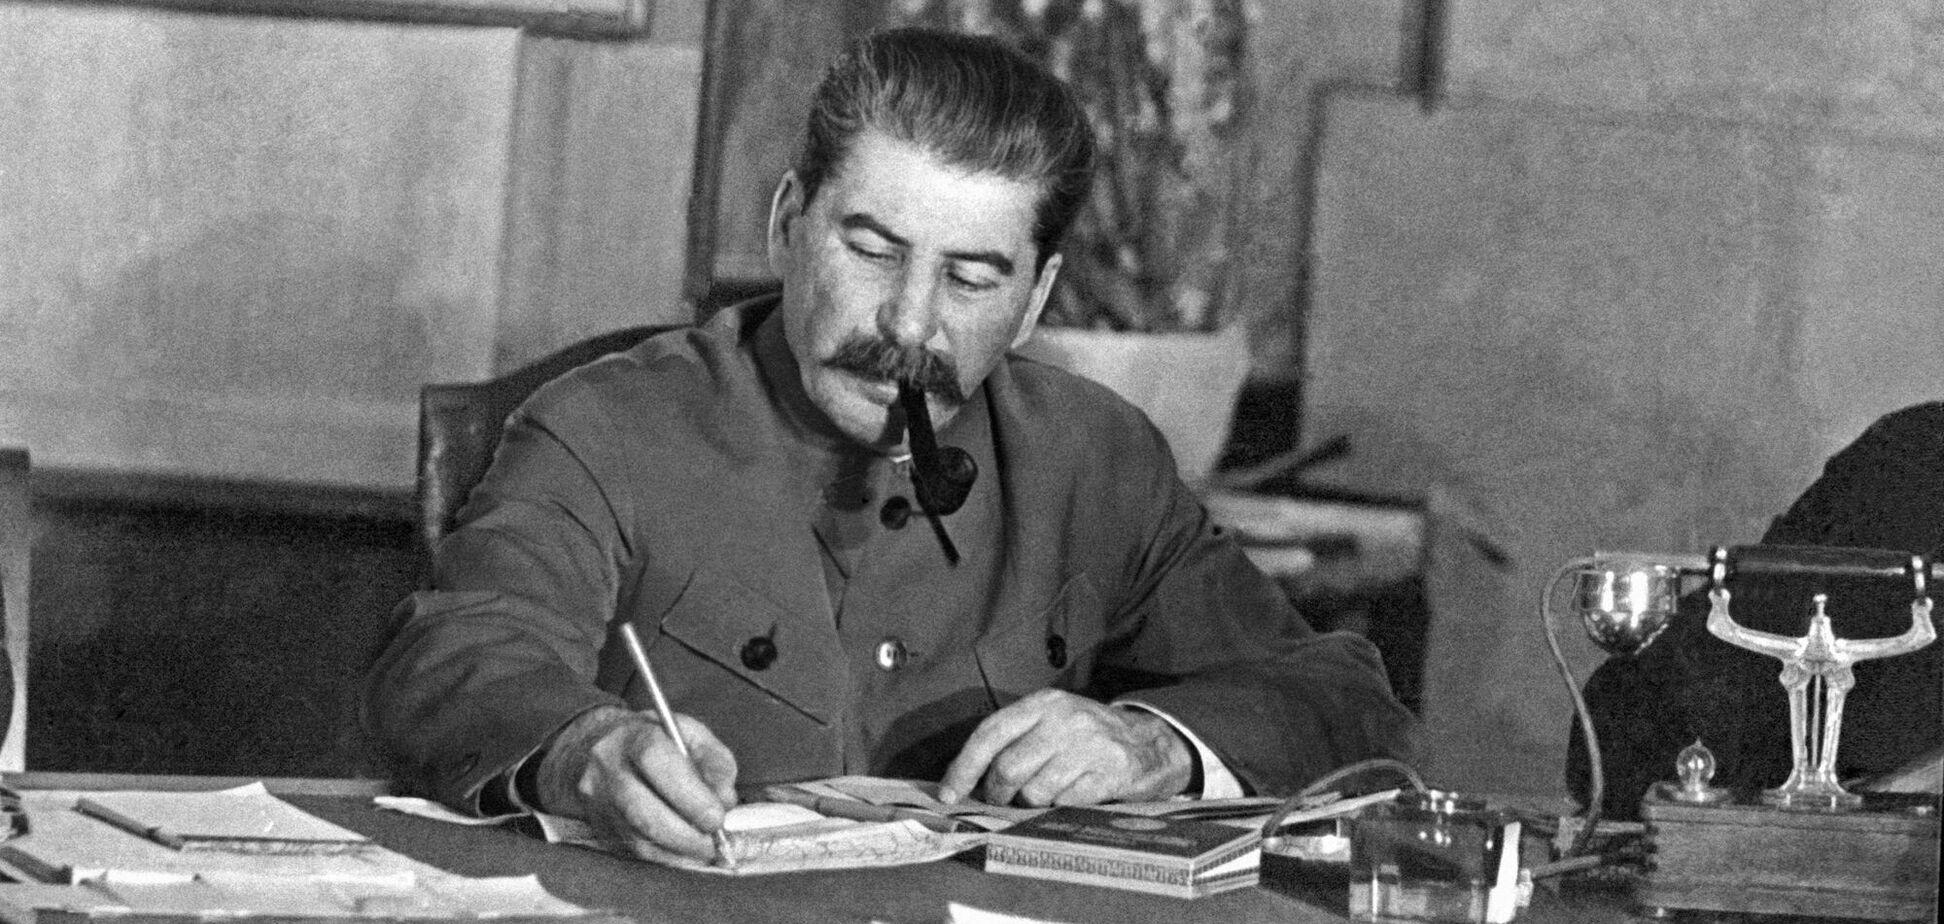 Йосип Сталін помер 5 березня 1953 року